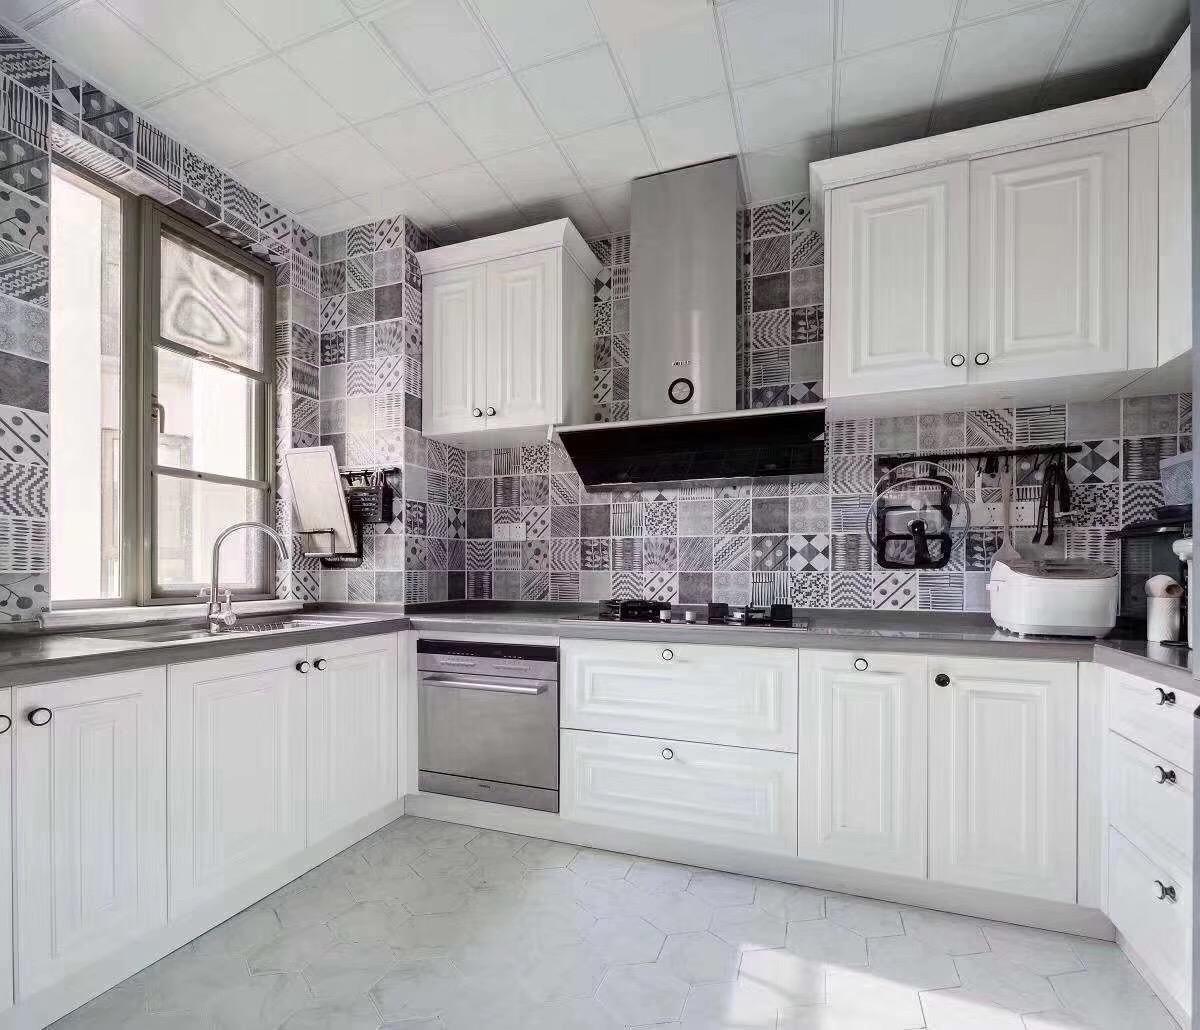 三室两厅一厨一卫 这样装修美极了!